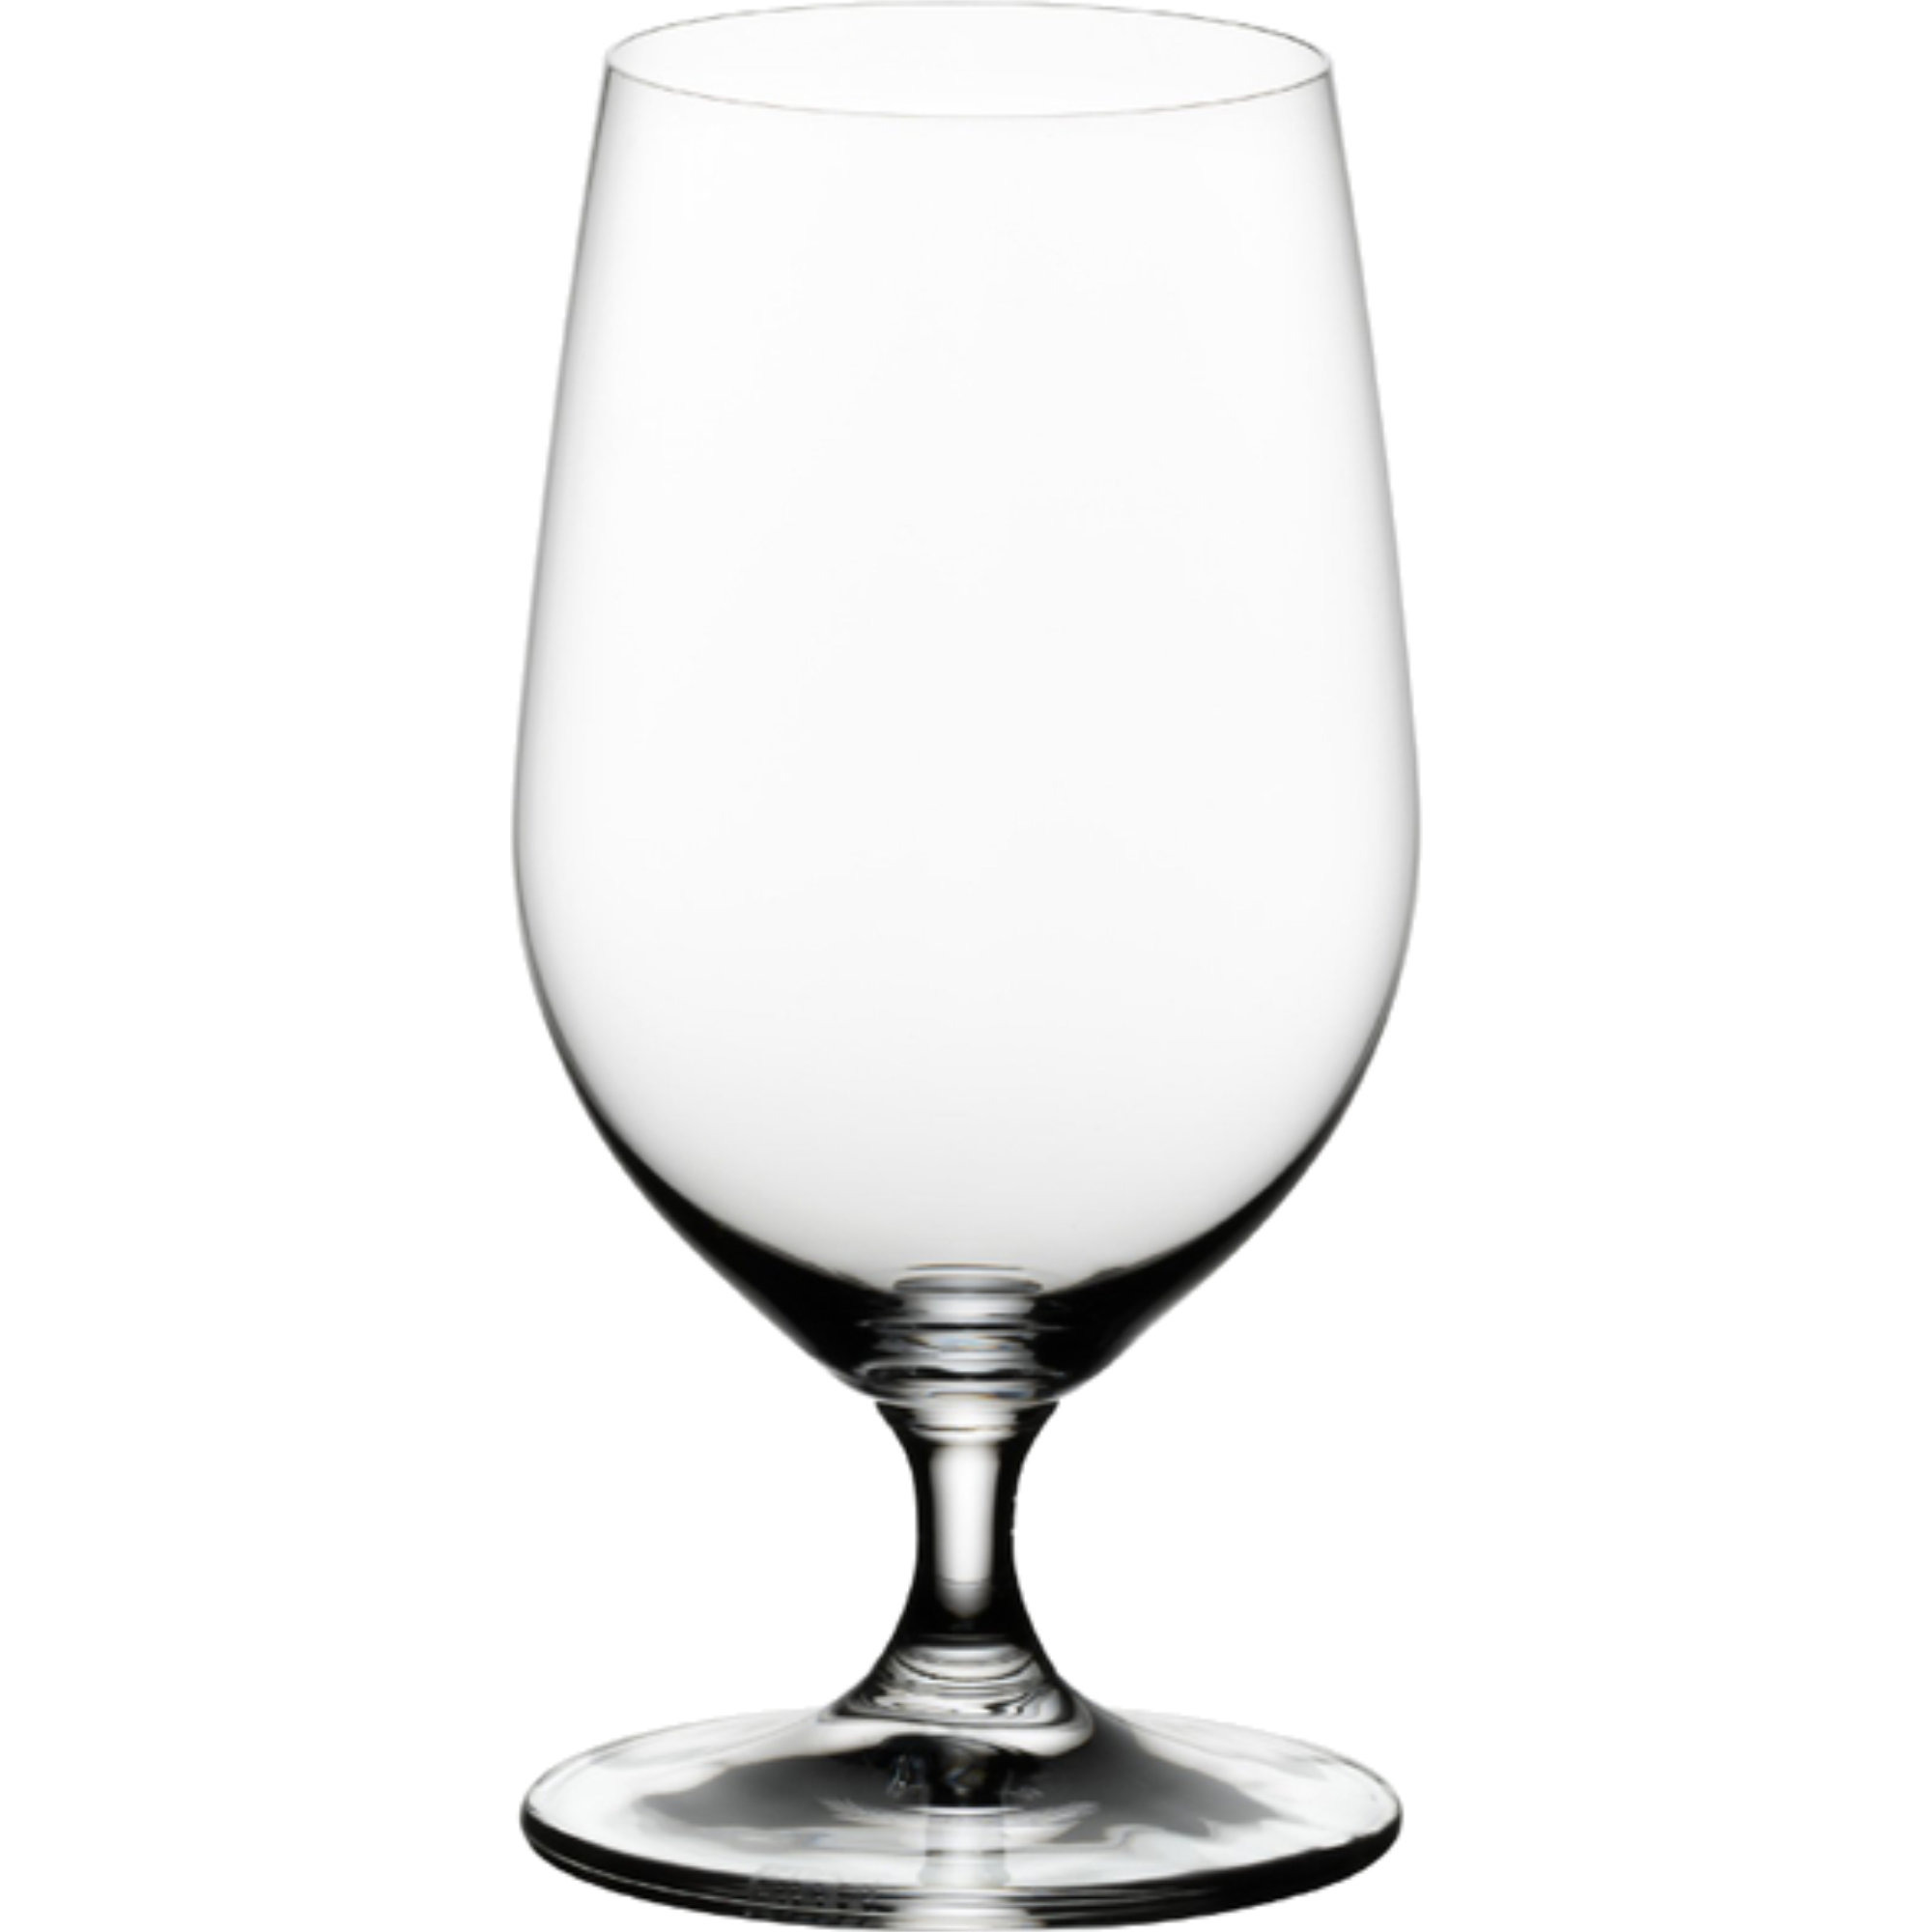 Riedel Ouverture Ölglas 50 cl 2 Pack